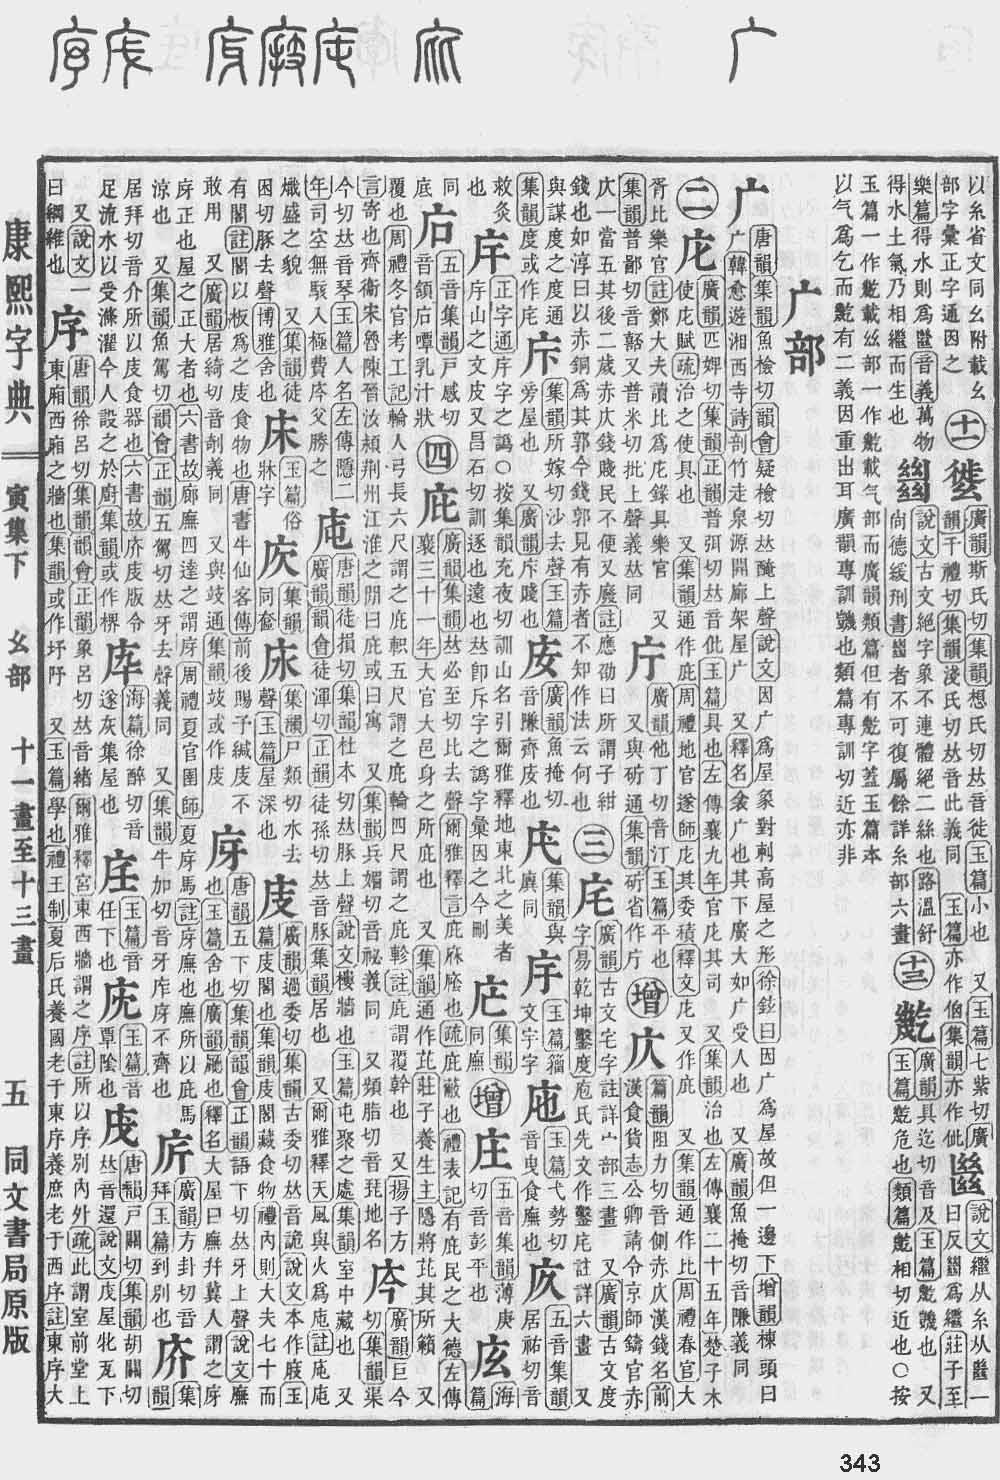 《康熙字典》第343页